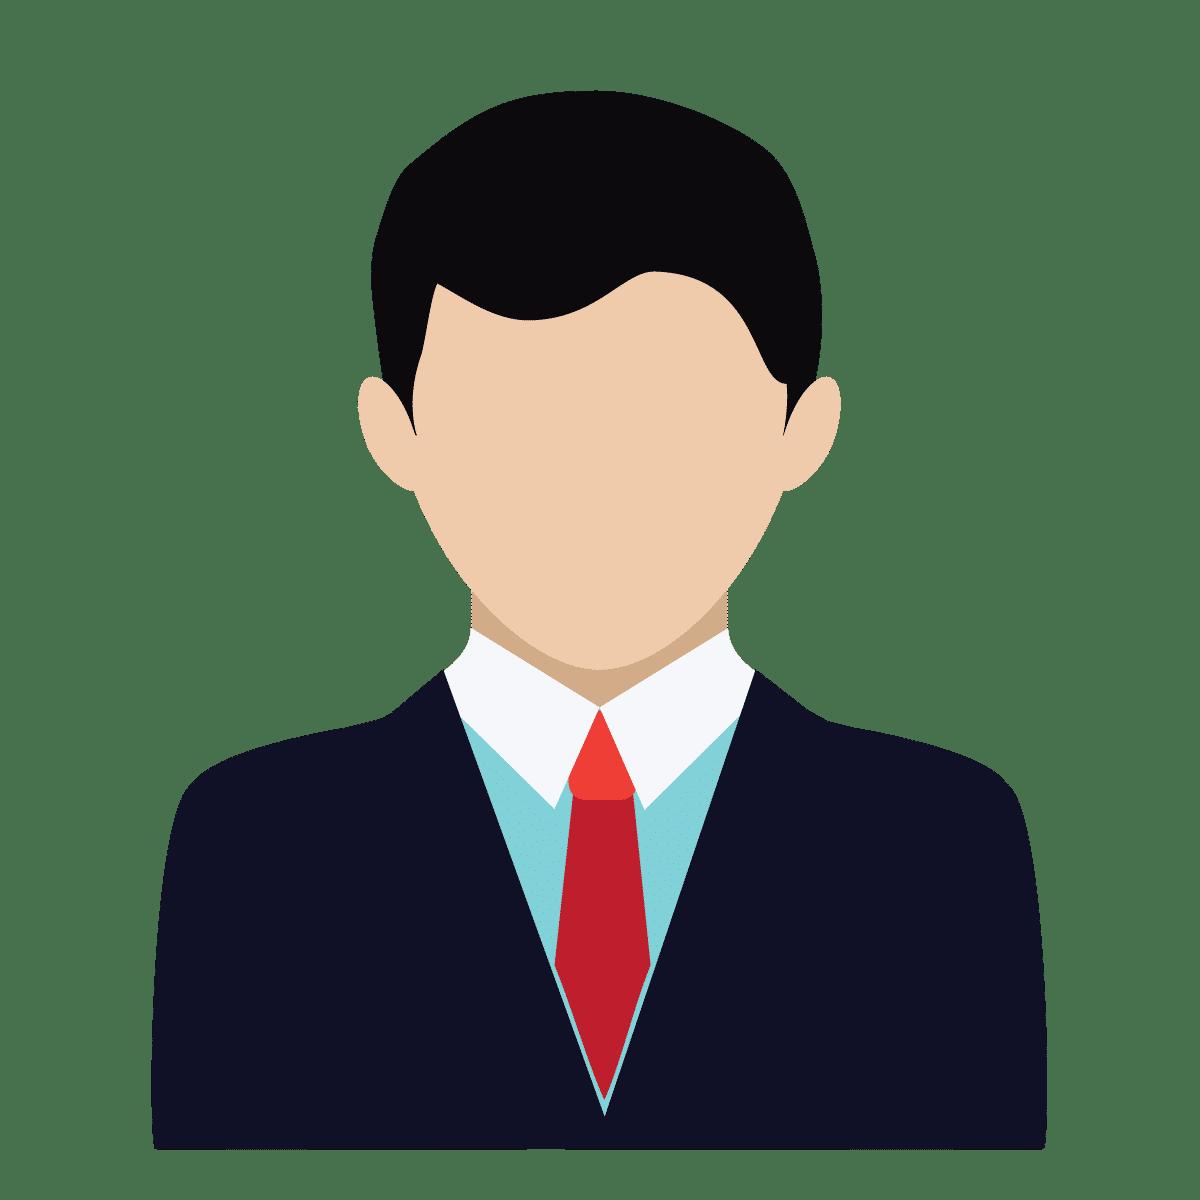 Miễn phí tư vấn và khảo sát 1